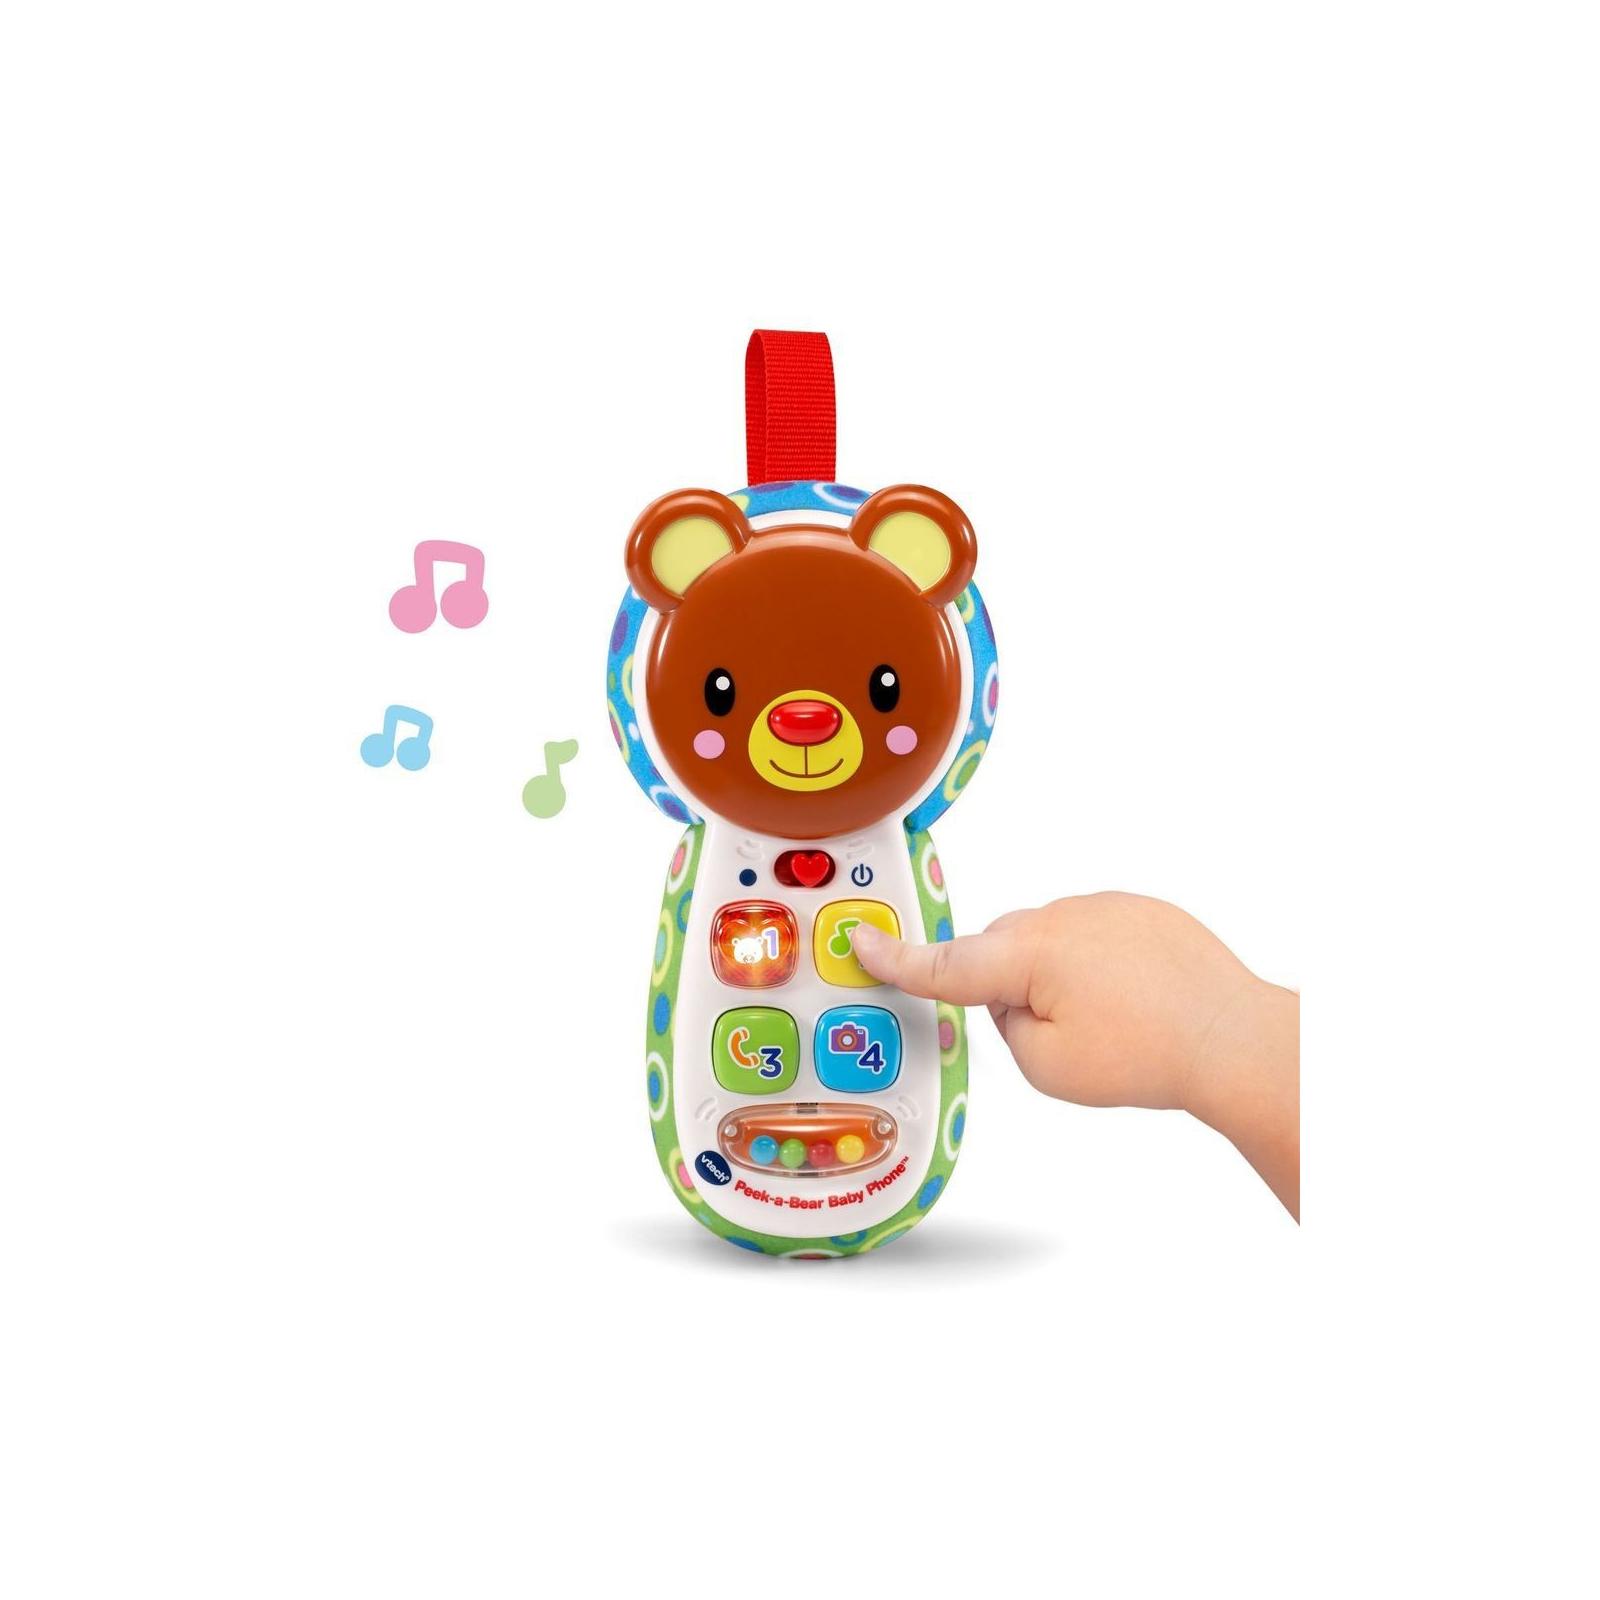 Развивающая игрушка VTech телефон Отвечай и играй со звуковыми эффектами (80-502726) изображение 3